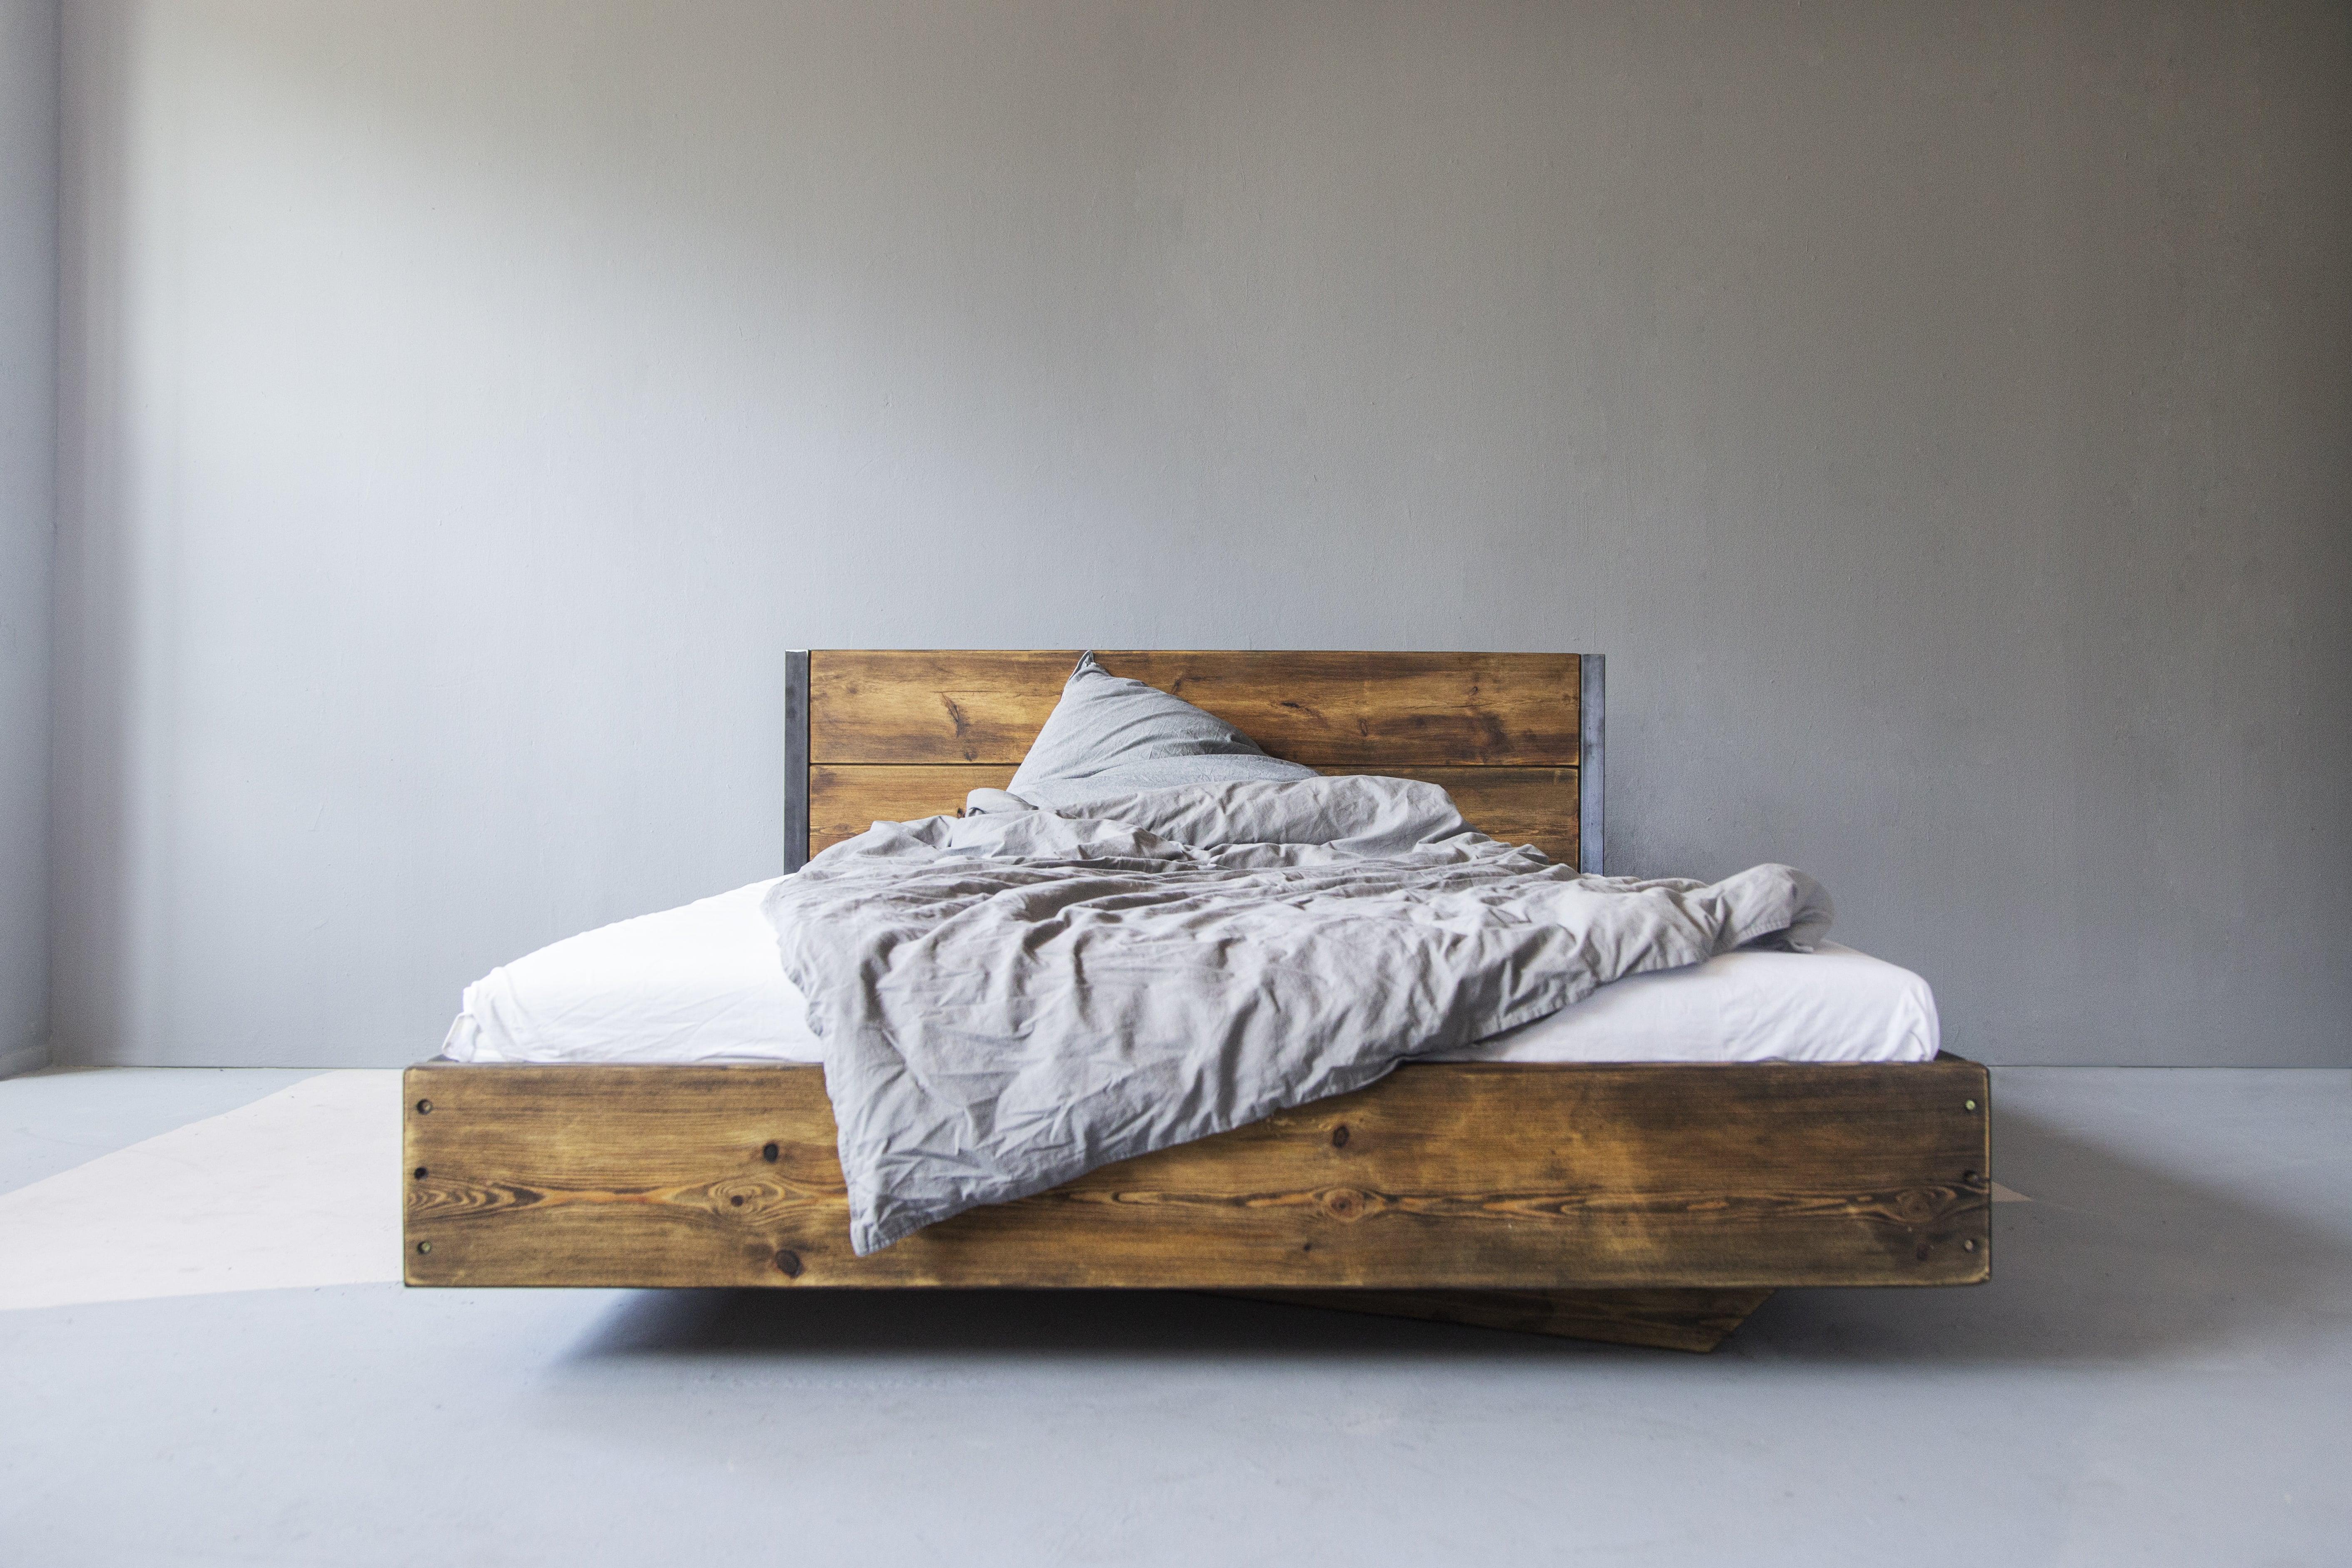 Bett Bauholz Lussa Verdon mit Lehne. Das rustikale Bett aus Bauholz vereint Natur und Handarbeit und zeigt, wie Bauholzdesign heute funktioniert.